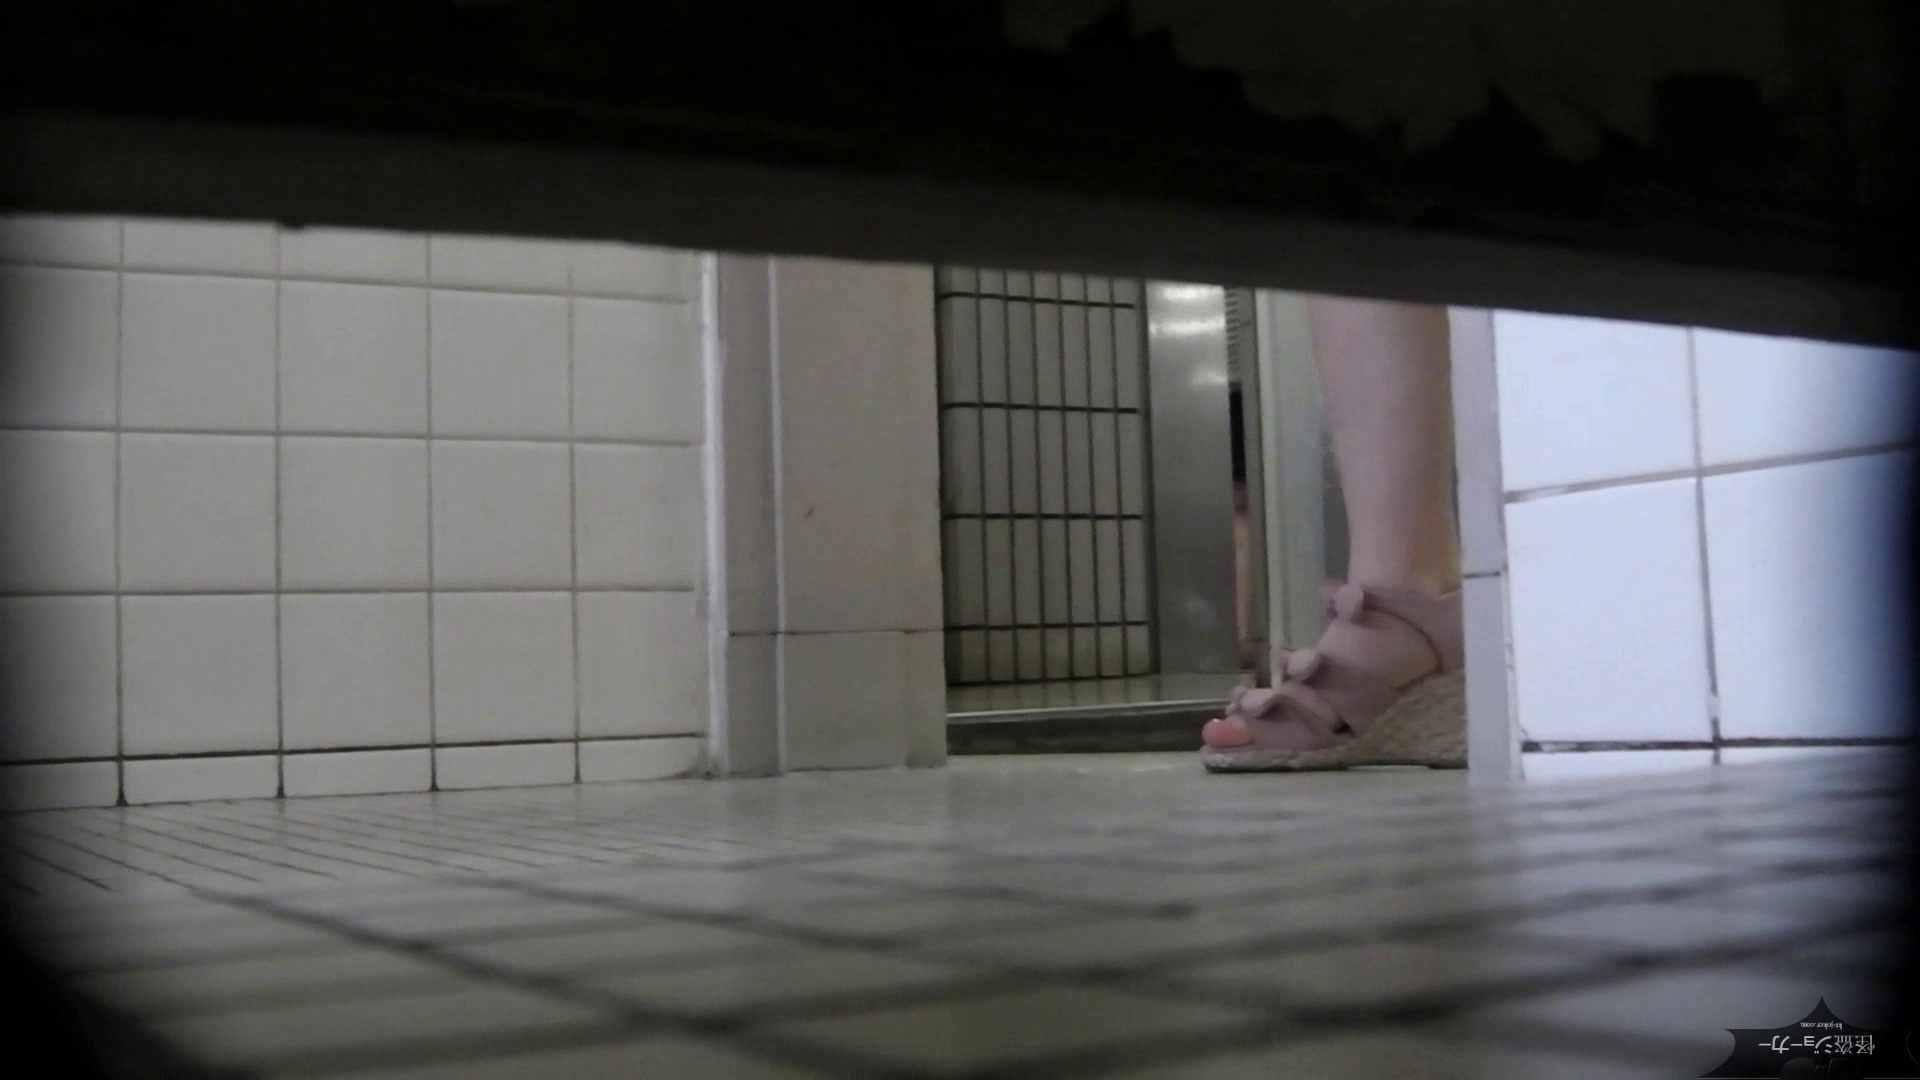 【美しき個室な世界】洗面所特攻隊 vol.051 洗面所 | OLの実態  49pic 35